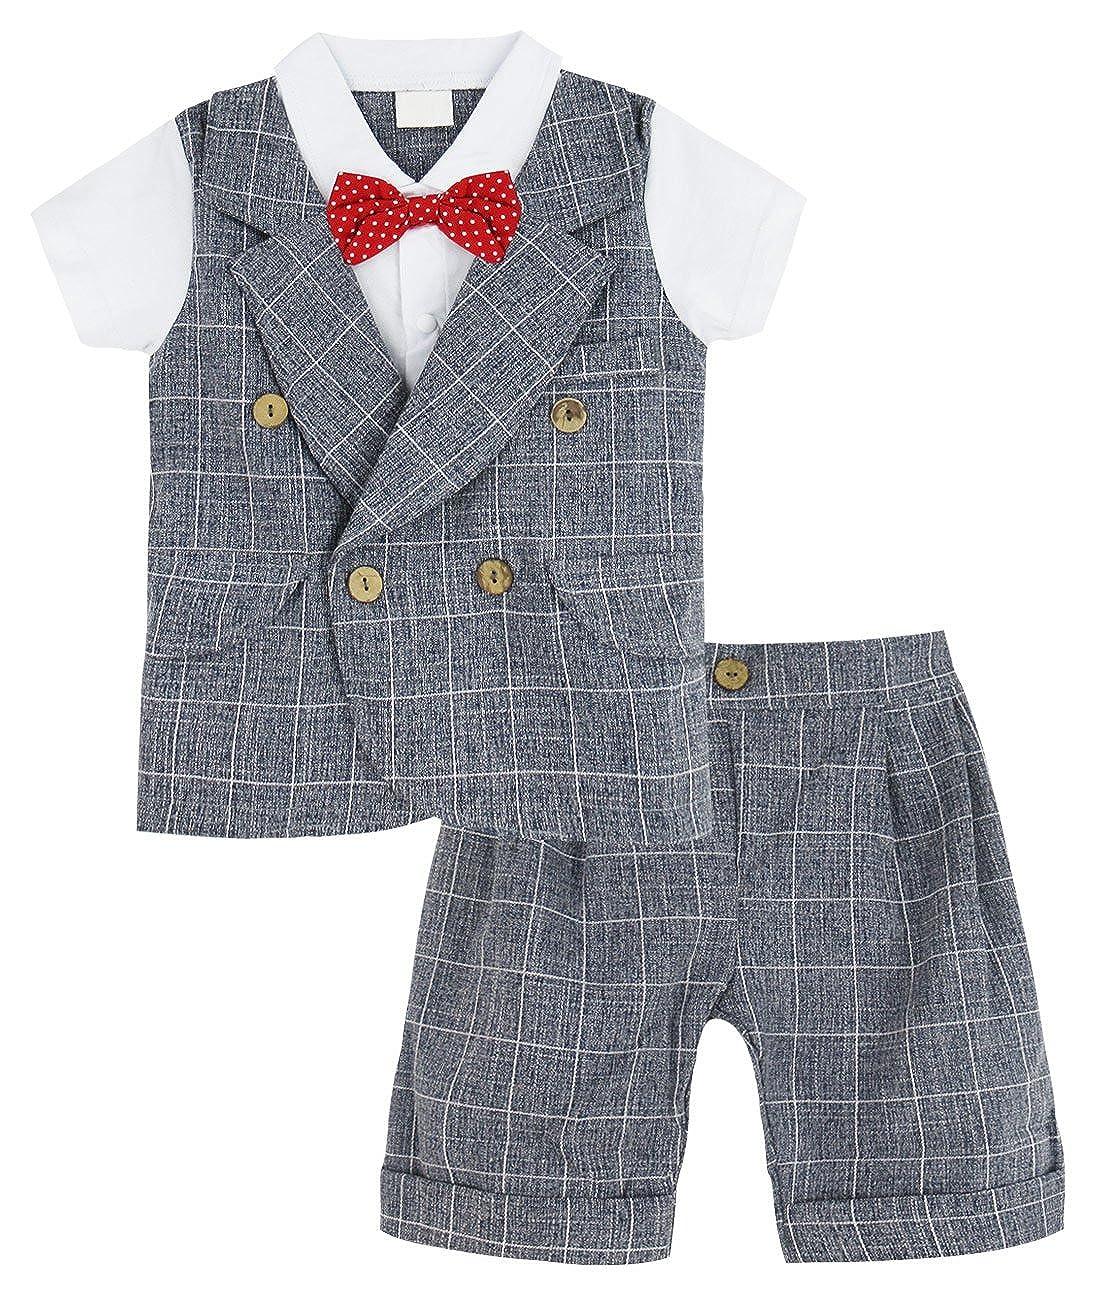 A& J Design Bebé Niño Gentilhombre Camisa a Cuadros y Pantalones Conjunto